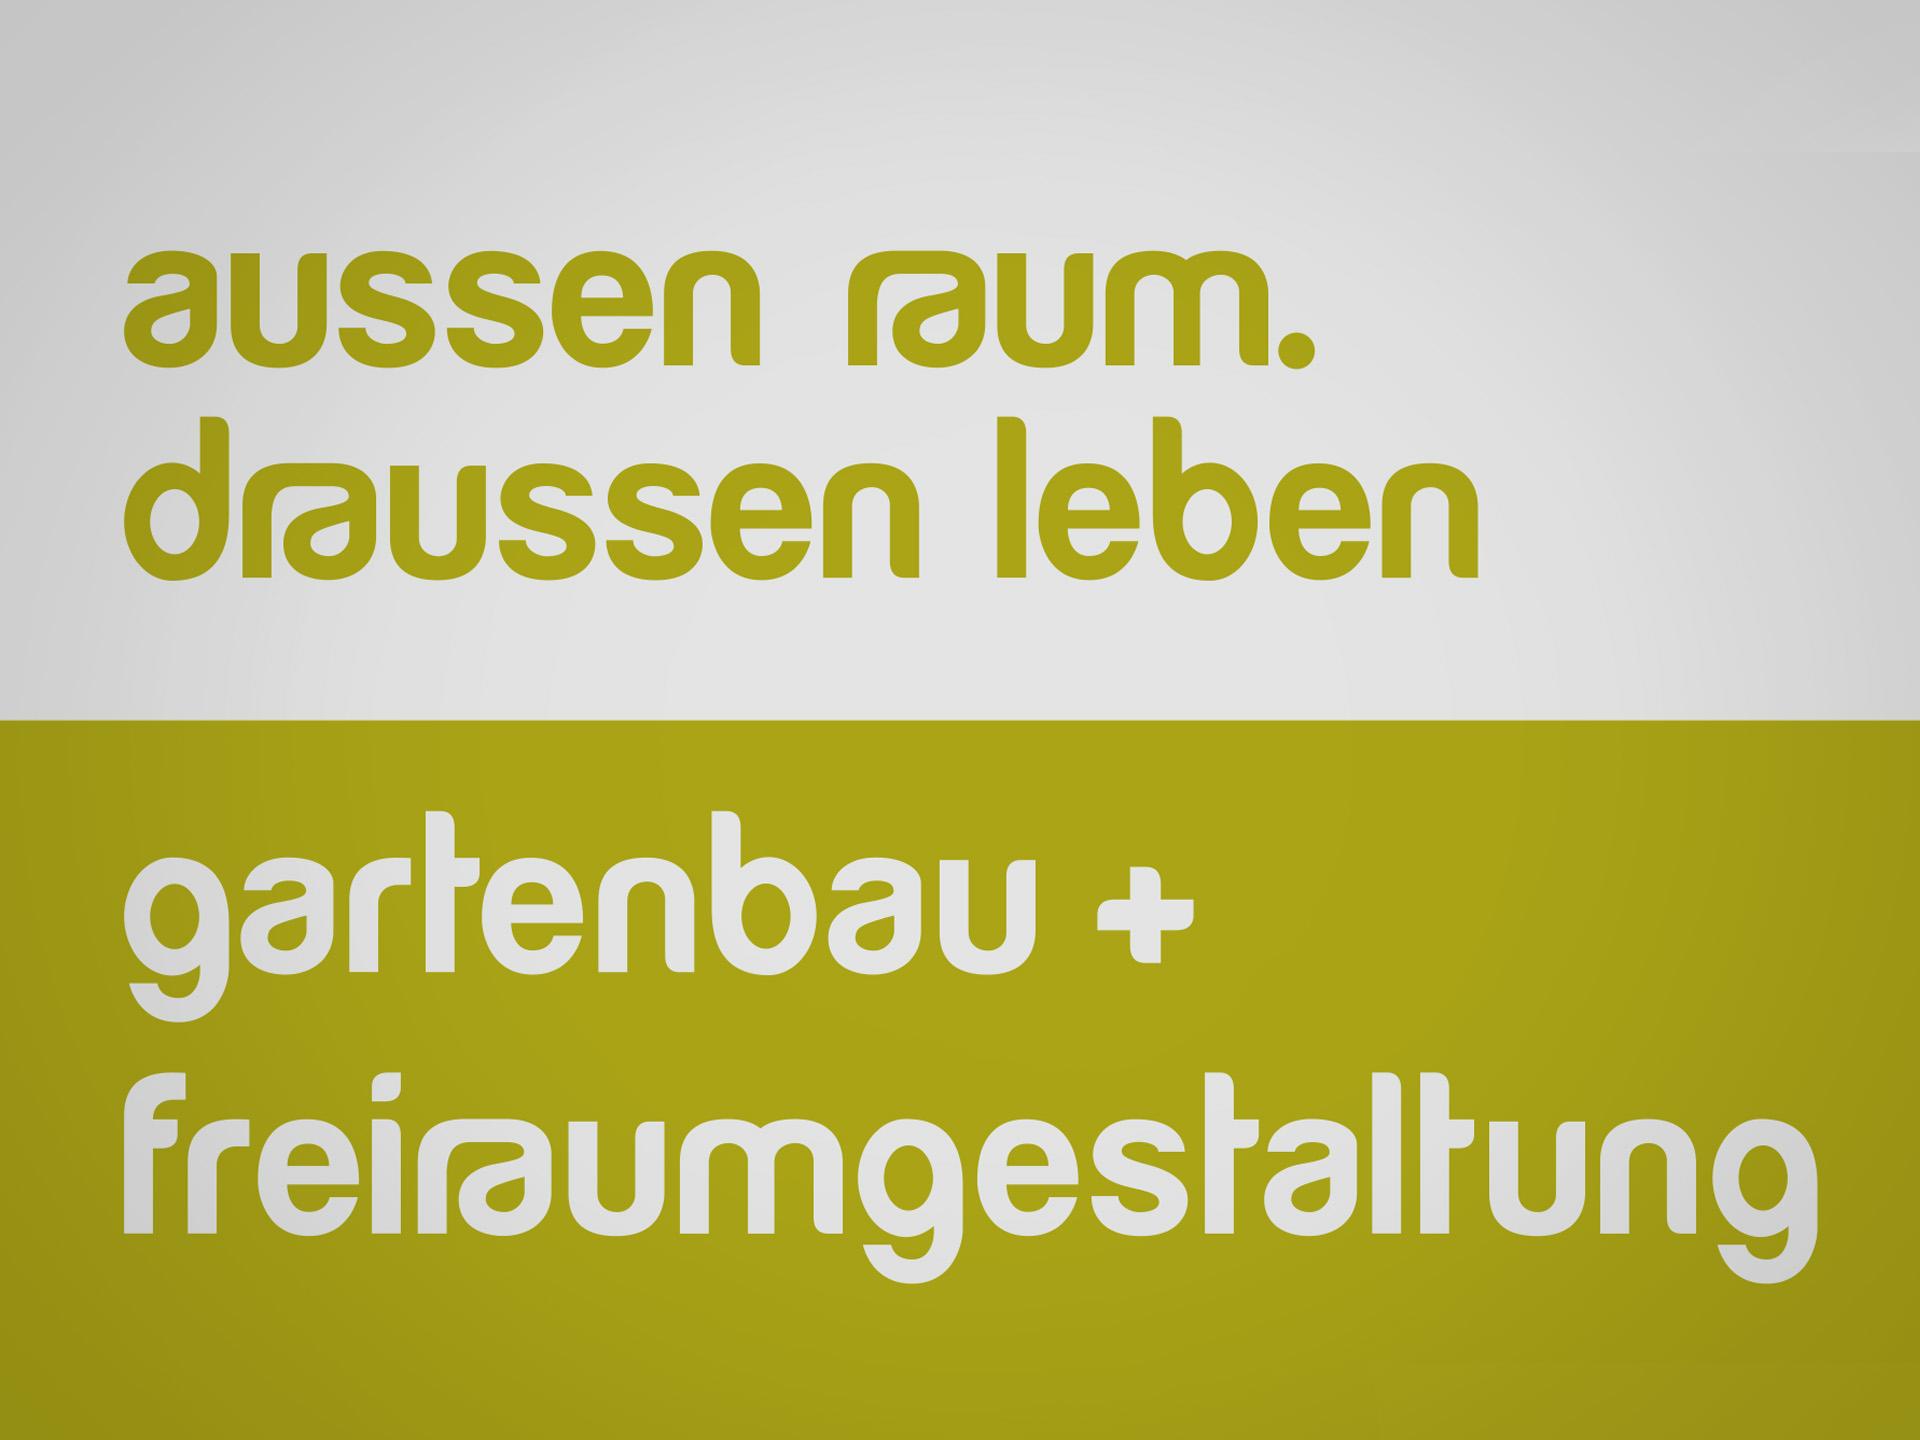 SM_Referenzen_Diverses_Beschriftung_Aussenraum_typografie